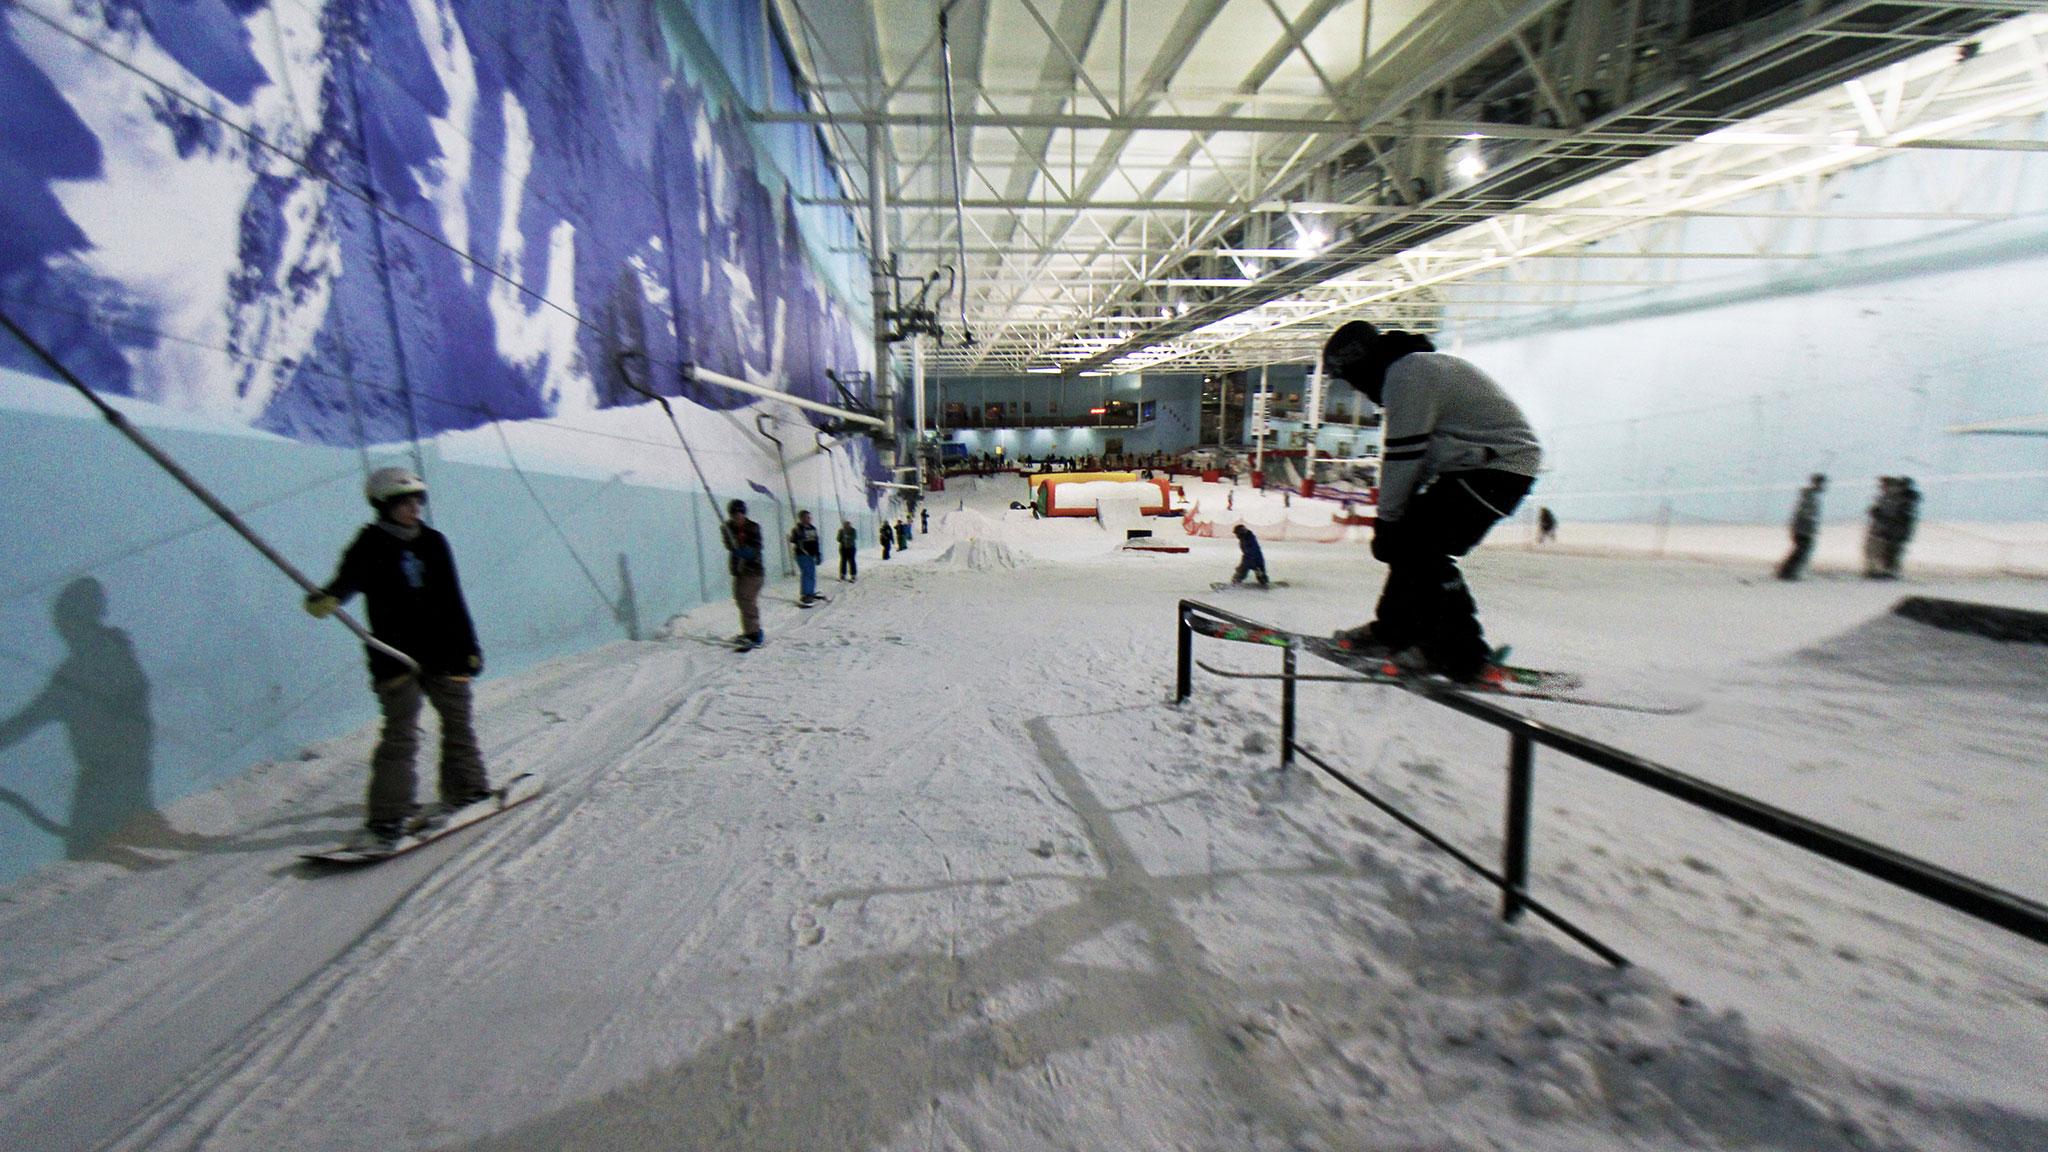 snowworld landgraaf, holland - best indoor ski resorts around europe